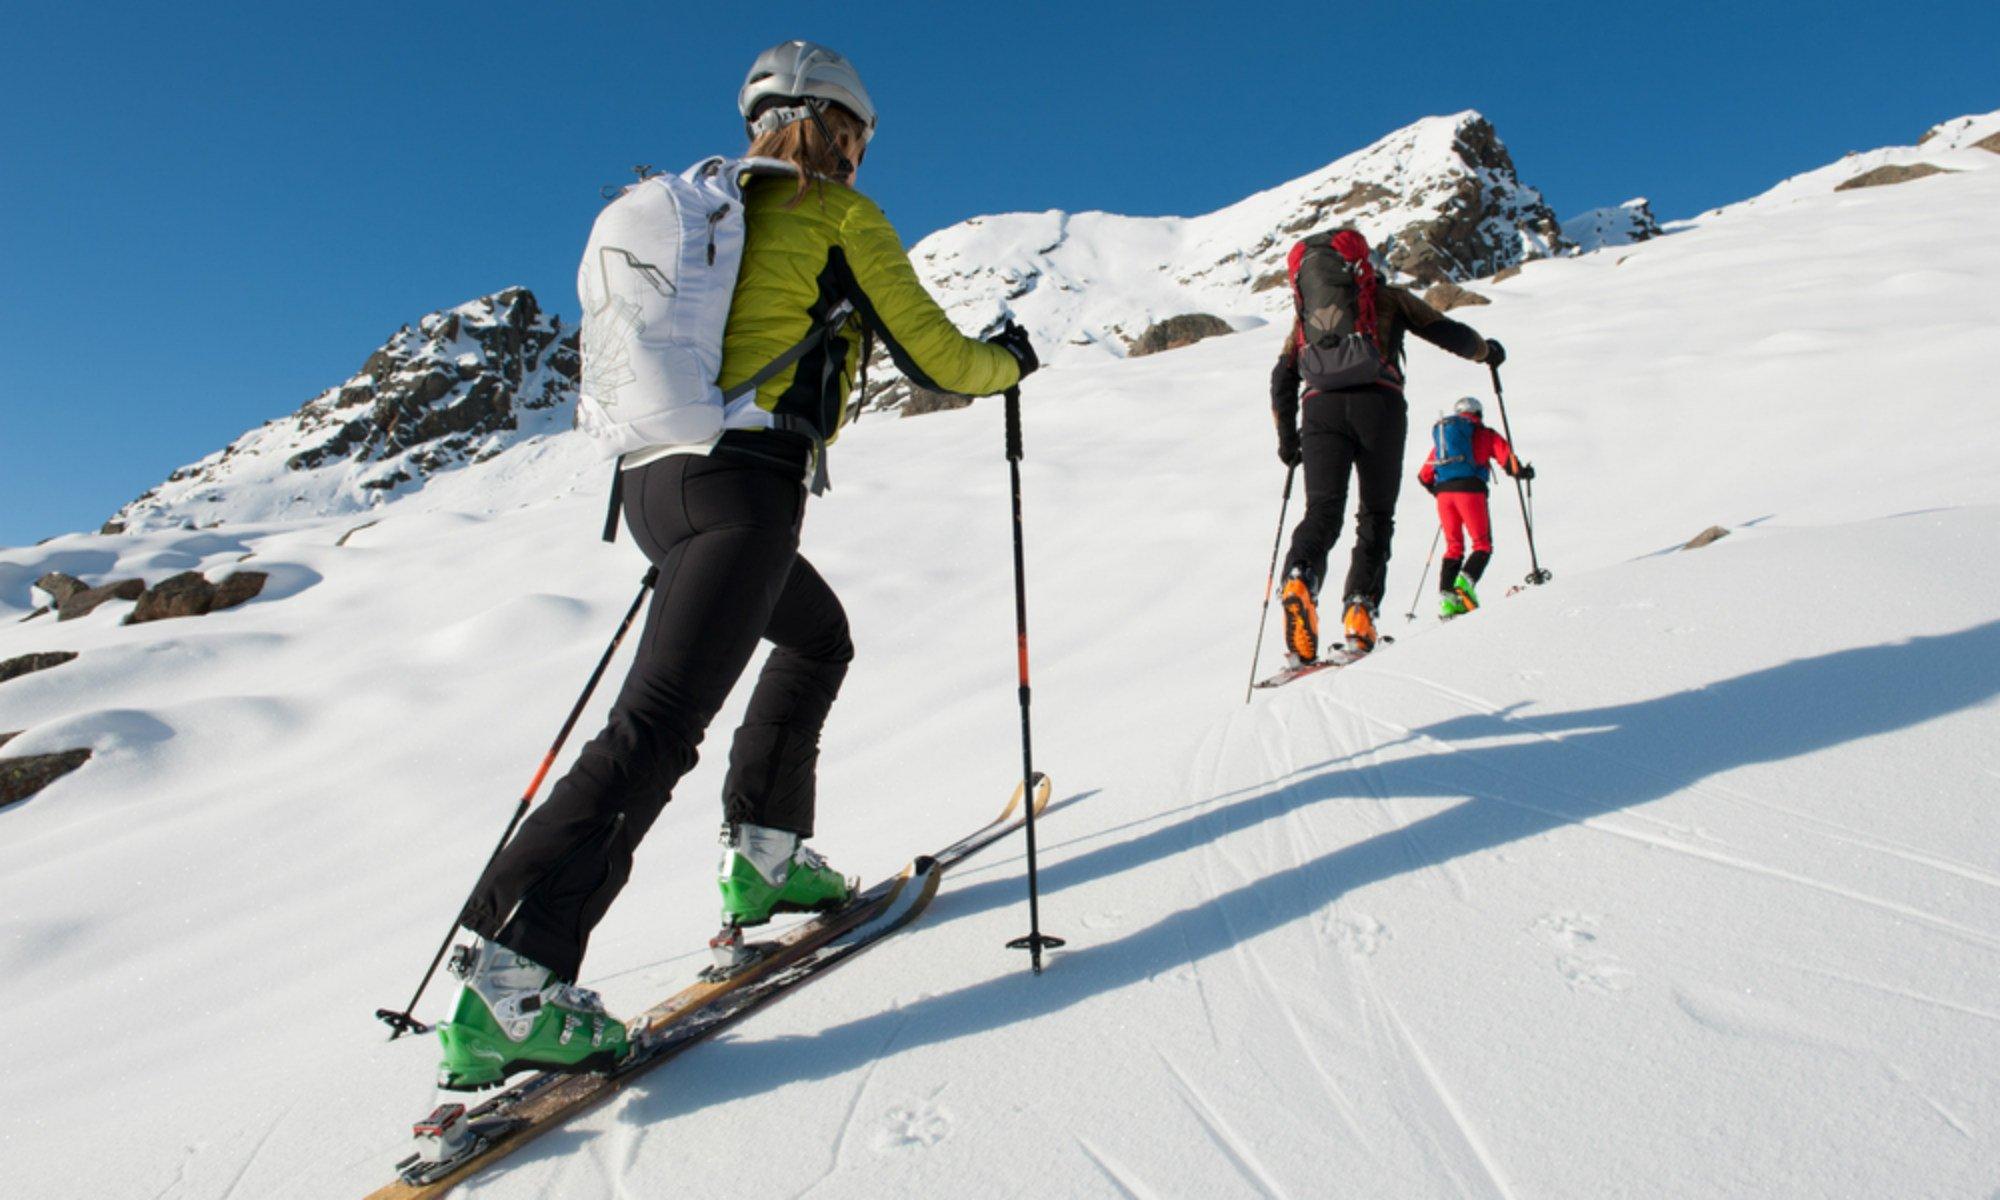 Drei Personen machen eine Skitour und gehen den Berg hinauf.